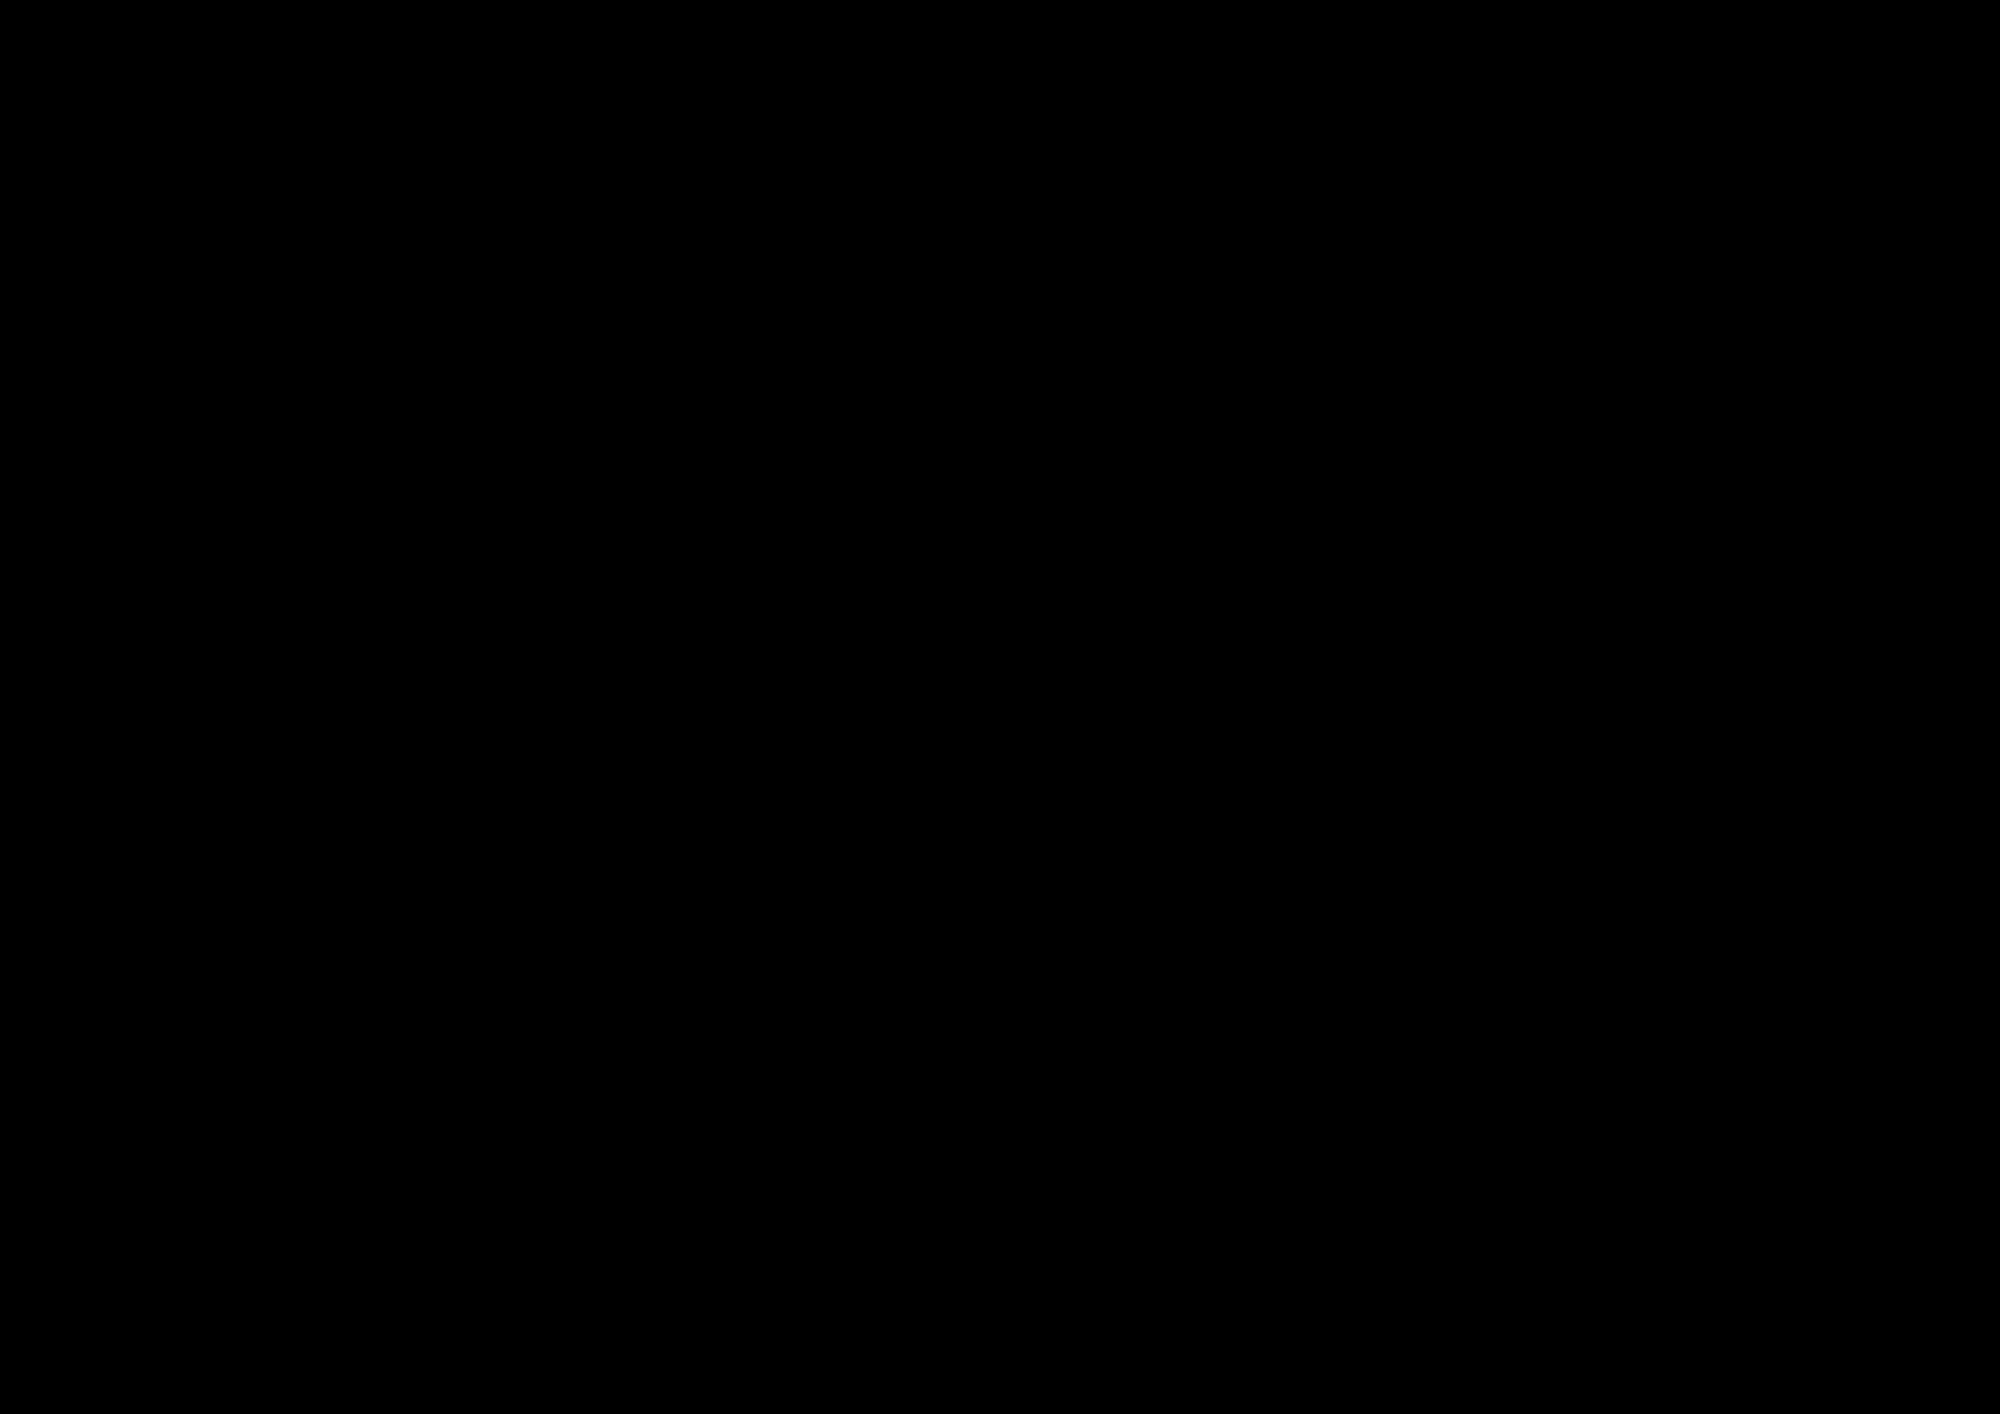 Open PlusPng.com  - Torii Gate HD PNG